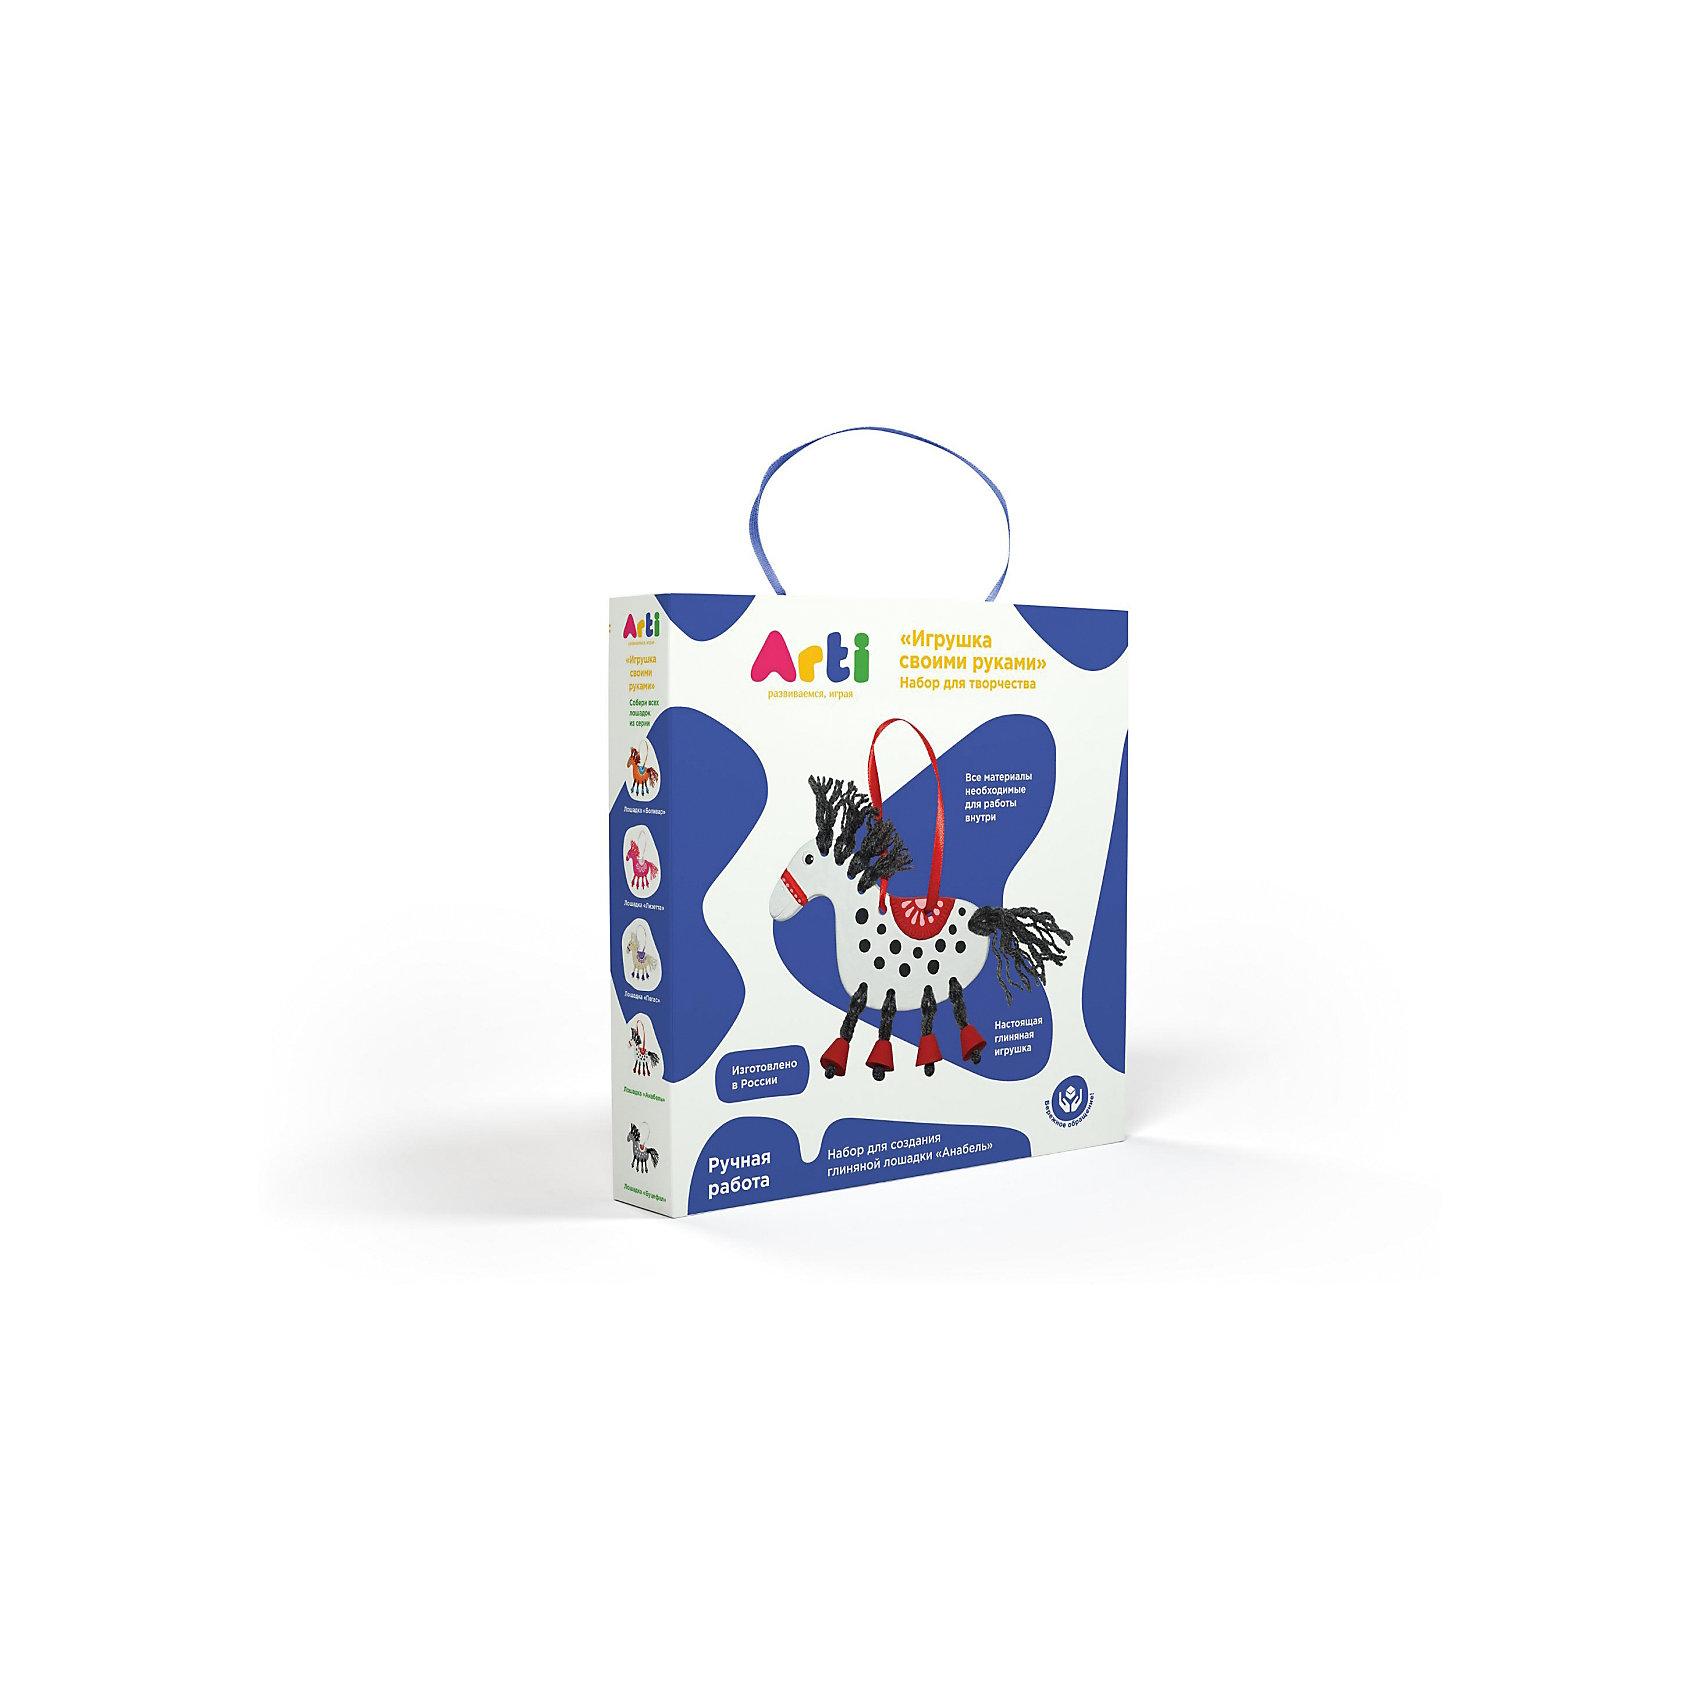 Набор для творчества Глиняная лошадка АнабельРазвивающие наборы для детского творчества из серии «Игрушка своими руками» от компании «Арти» предлагают возможность работы с уникальной плоской глиняной игрушкой ручной лепки.<br>Используя качественные акриловые краски и яркие шерстяные нити, ребенок создаст неповторимую игрушку, а благодаря подробной цветной инструкции, качественной кисточке и деревянной палочке, входящим в набор, работа превратится в удовольствие!<br>Состав набора «Анабель»:<br>Глиняная основа для будущей лошадки из 5-ти частей<br>Акриловые краски в баночках с закручивающейся крышкой по 5 мл – 3 шт (белая, красная, черная)<br>Кисть<br>Шерстяные нити<br>Деревянная палочка для работы с нитями<br>Ленточка для подвеса изделия<br>Инструкция<br>Особенности набора:<br>Для создания готовой неповторимой игрушки сочетаются различные материалы – заготовка из натуральной глины, шерстяные нити, атласная лента и акриловые краски.<br>Входящая в набор глиняная фигурка лошадки изготовлена вручную из натуральной глины путем вырезания заготовки из глиняного пласта определенной толщины с последующим «долепом» декоративных элементов для придания изделию дополнительной привлекательности и индивидуальности.<br>У входящей в набор лошадки уже нарисован глазик, это оживляет фигурку и очень удобно для маленьких художников и новичков!<br>К набору прилагается подробная цветная инструкция, позволяющая легко и быстро создать красивое изделие! При этом ребенок может придерживаться инструкции или придумать свой вариант раскраски игрушки.<br>При работе с наборами из серии «Игрушка своими руками» у ребенка развиваются:<br>внимание и память<br>воображение и пространственное мышление<br>мелкая моторика пальцев рук<br>аккуратность, усидчивость и трудолюбие!<br><br>Ширина мм: 180<br>Глубина мм: 180<br>Высота мм: 30<br>Вес г: 282<br>Возраст от месяцев: 36<br>Возраст до месяцев: 2147483647<br>Пол: Унисекс<br>Возраст: Детский<br>SKU: 5487916